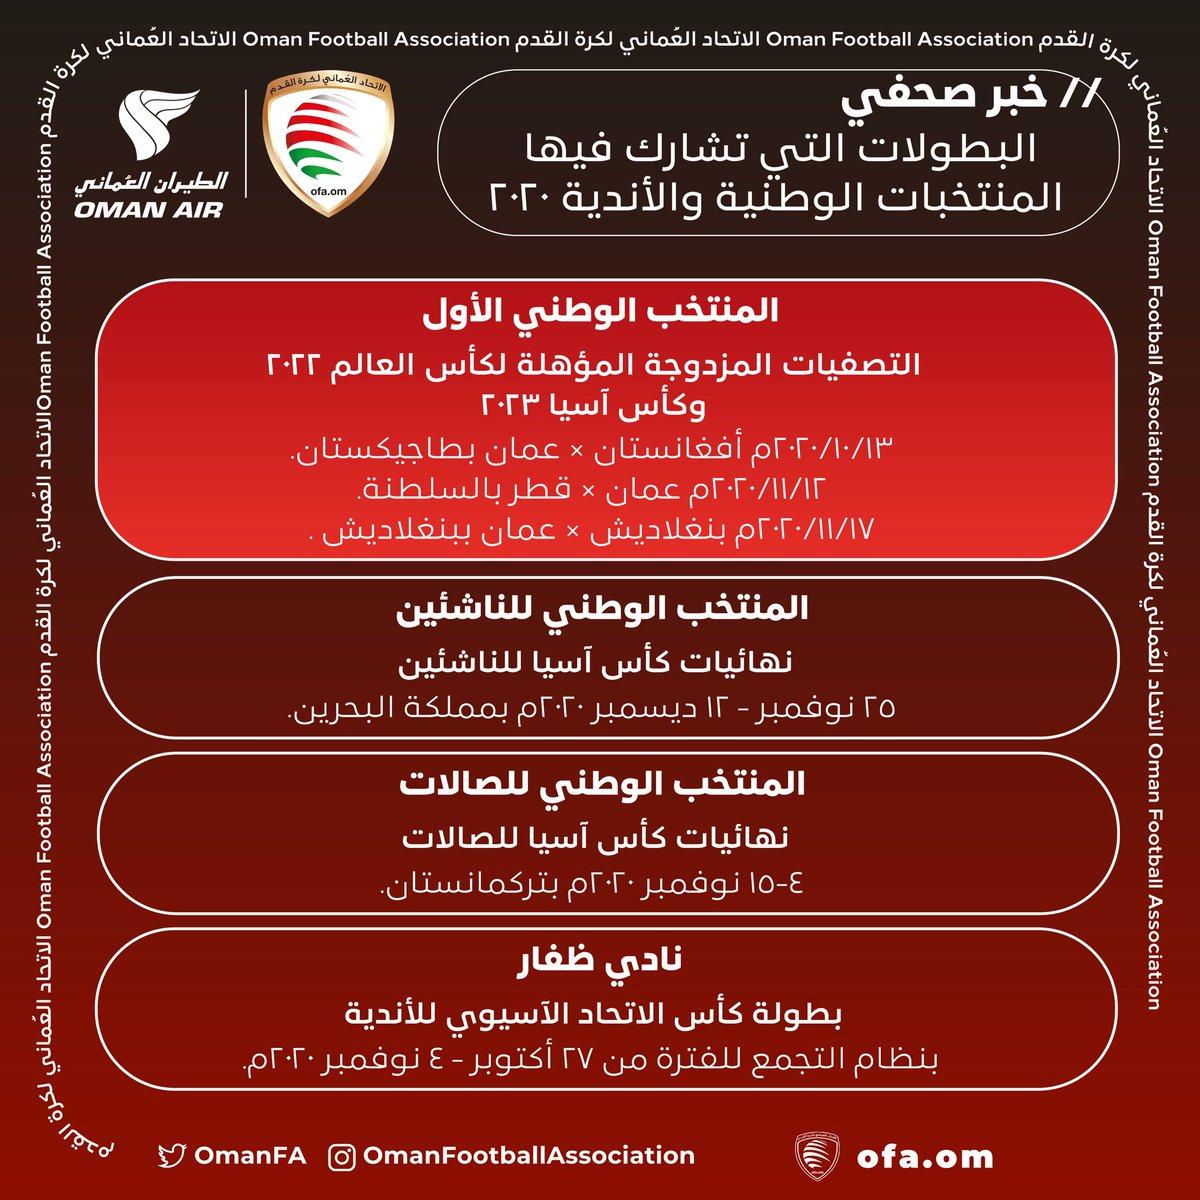 🗓 مواعيد المواجهات القارية التي ستخوضها منتخباتنا الوطنية والأندية خلال العام الحالي.